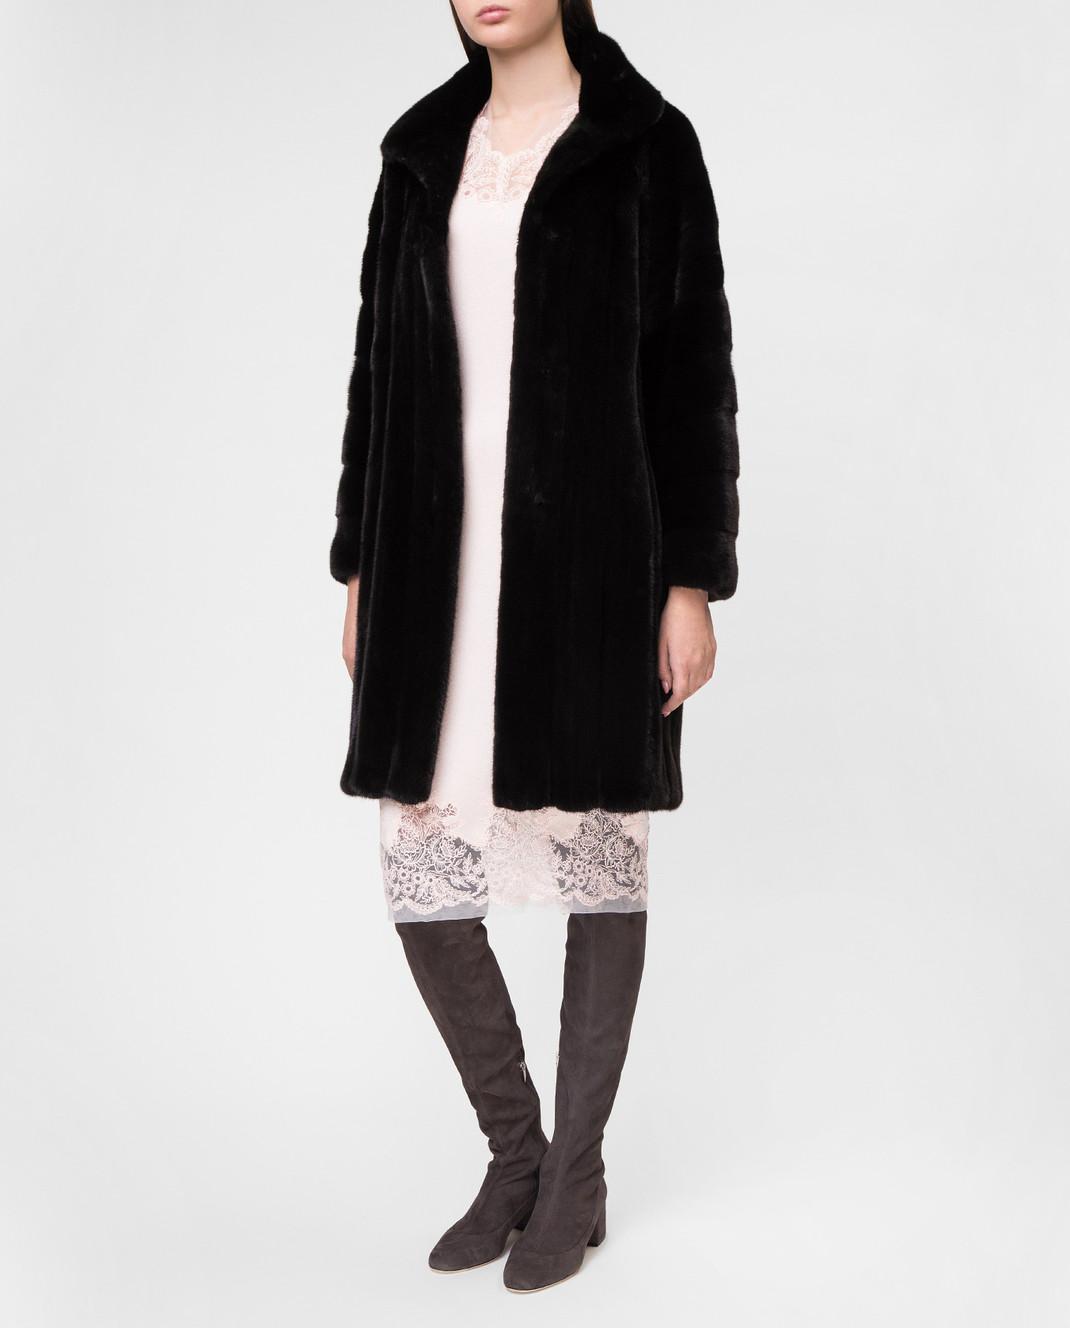 Real Furs House Черное меховое пальто TB5253842 изображение 2